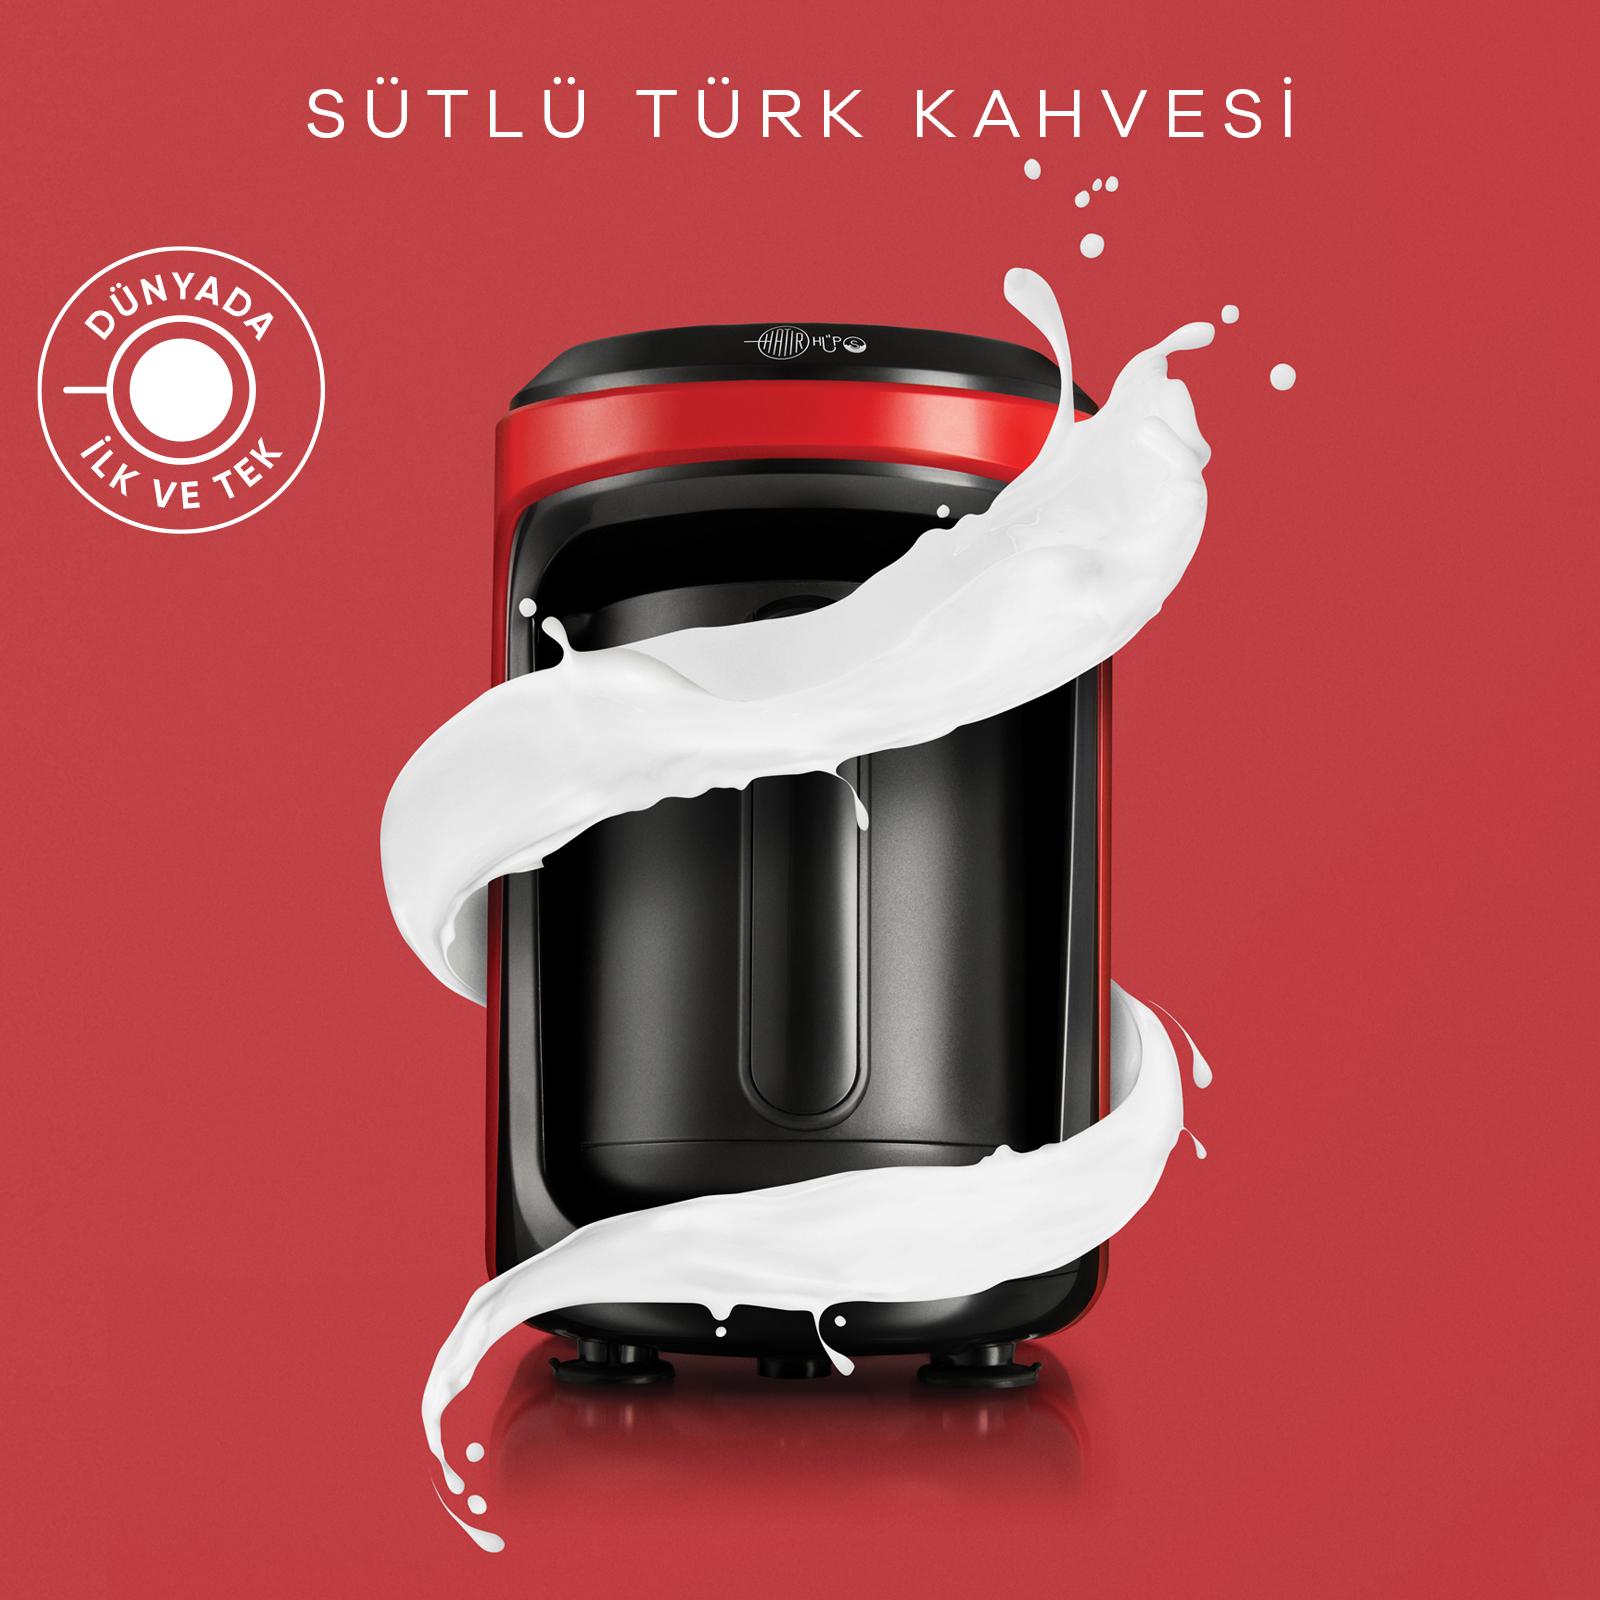 Karaca Hatır Hüps Sütlü Türk Kahve Makinesi Kırmızı